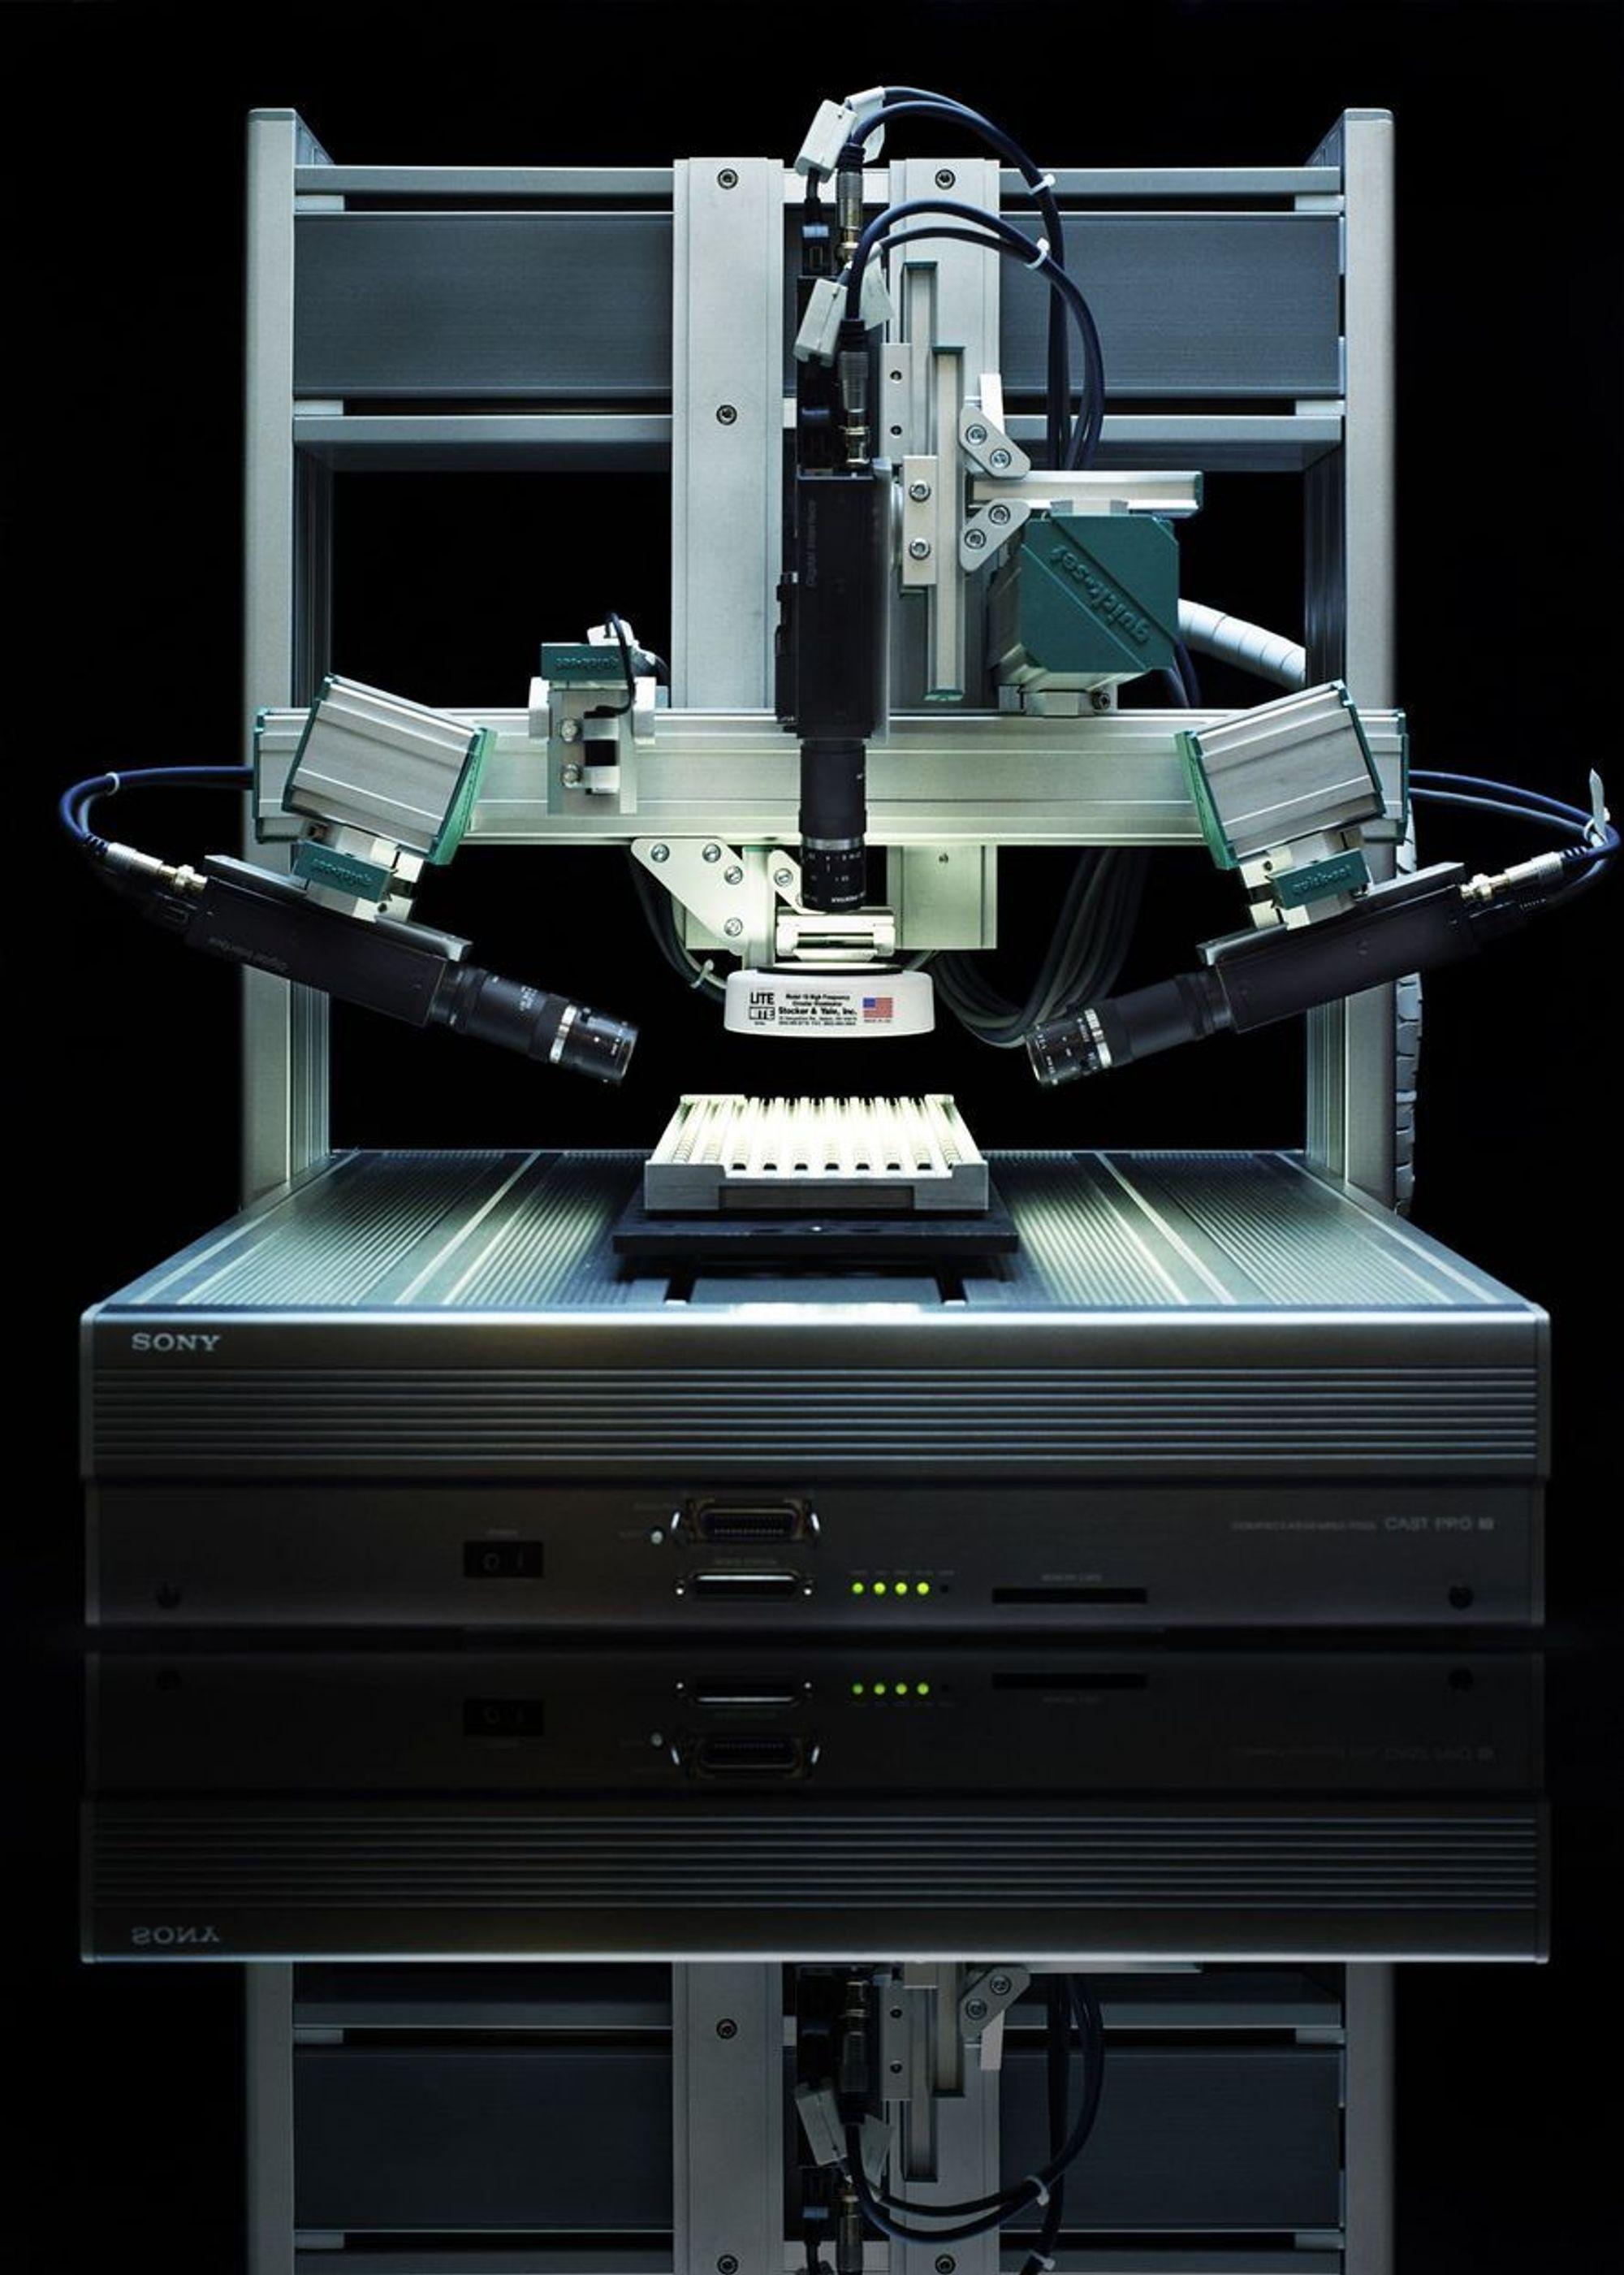 NORSK-JAPANSK: Norsk programvare fra Tordivel AS blir nå integrert i Sonys roboter. Kombinasjonen gir flere mulighet for robotinspeksjon i  produksjonssystemer.